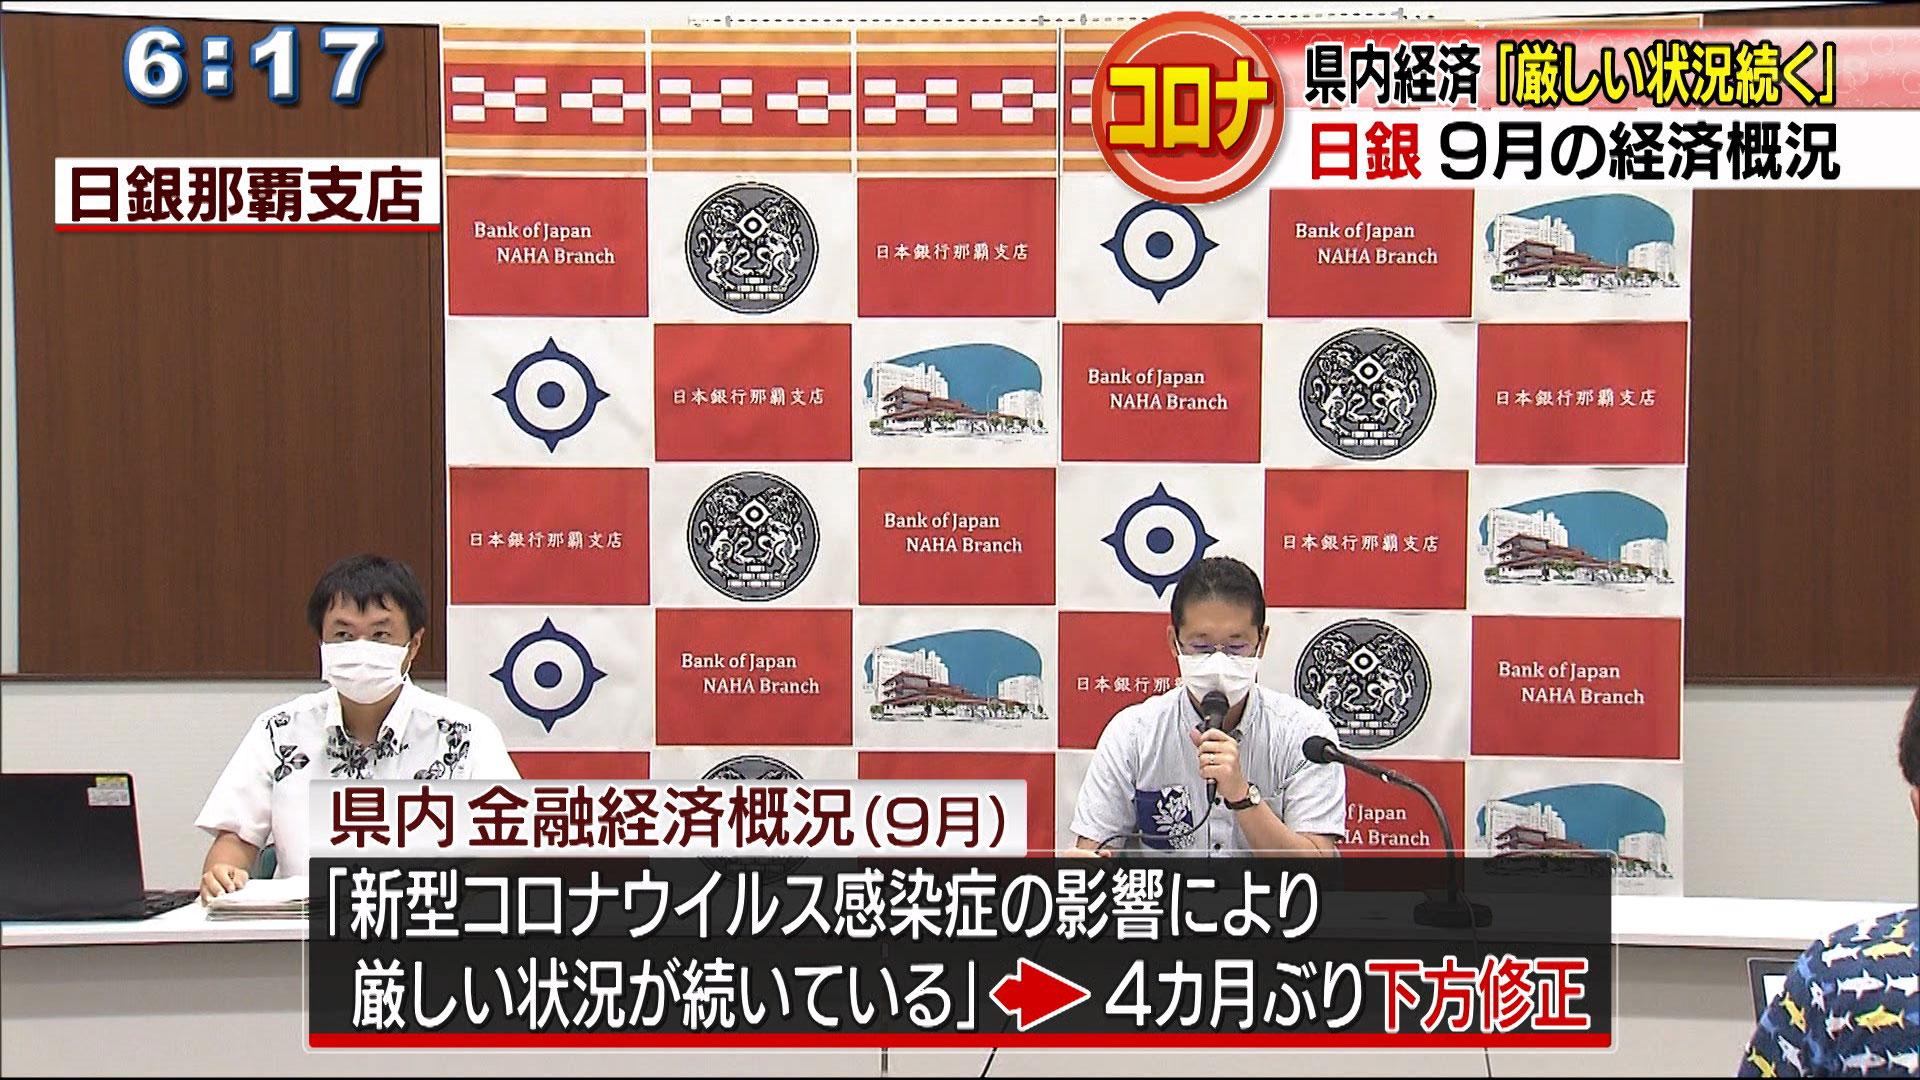 日銀那覇支店 9月の県内経済「厳しい状況続く」